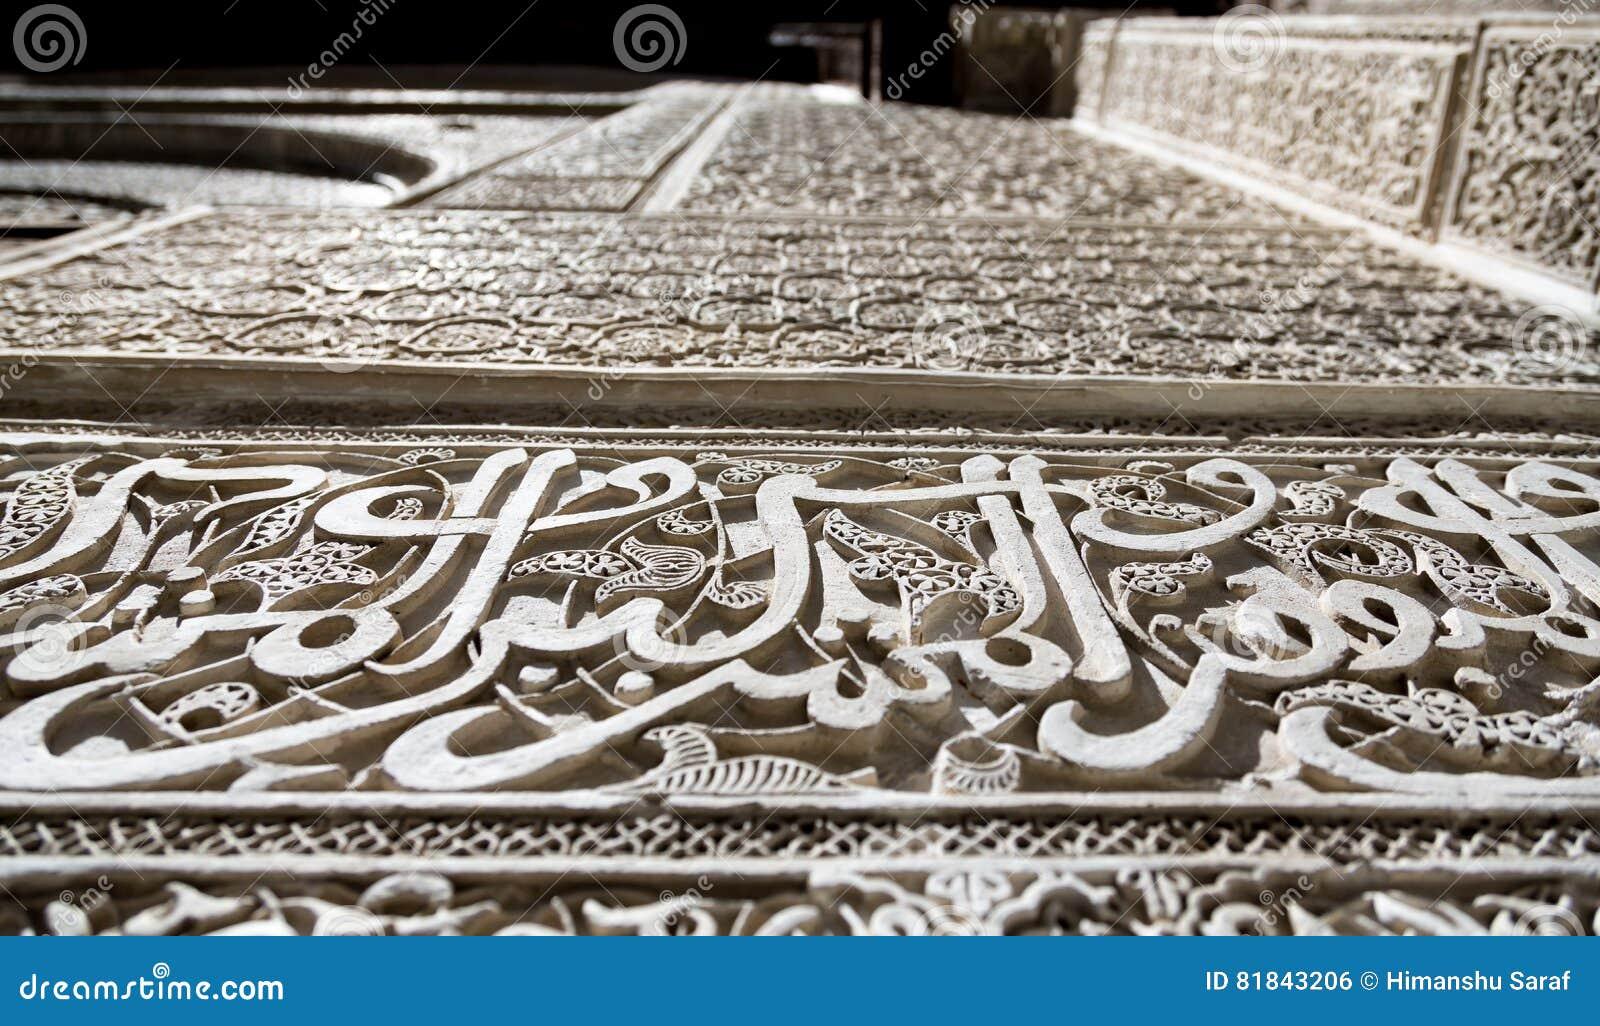 Le scritture complesse in arabo sulle pareti di un Madarsa in Fes, Marocco